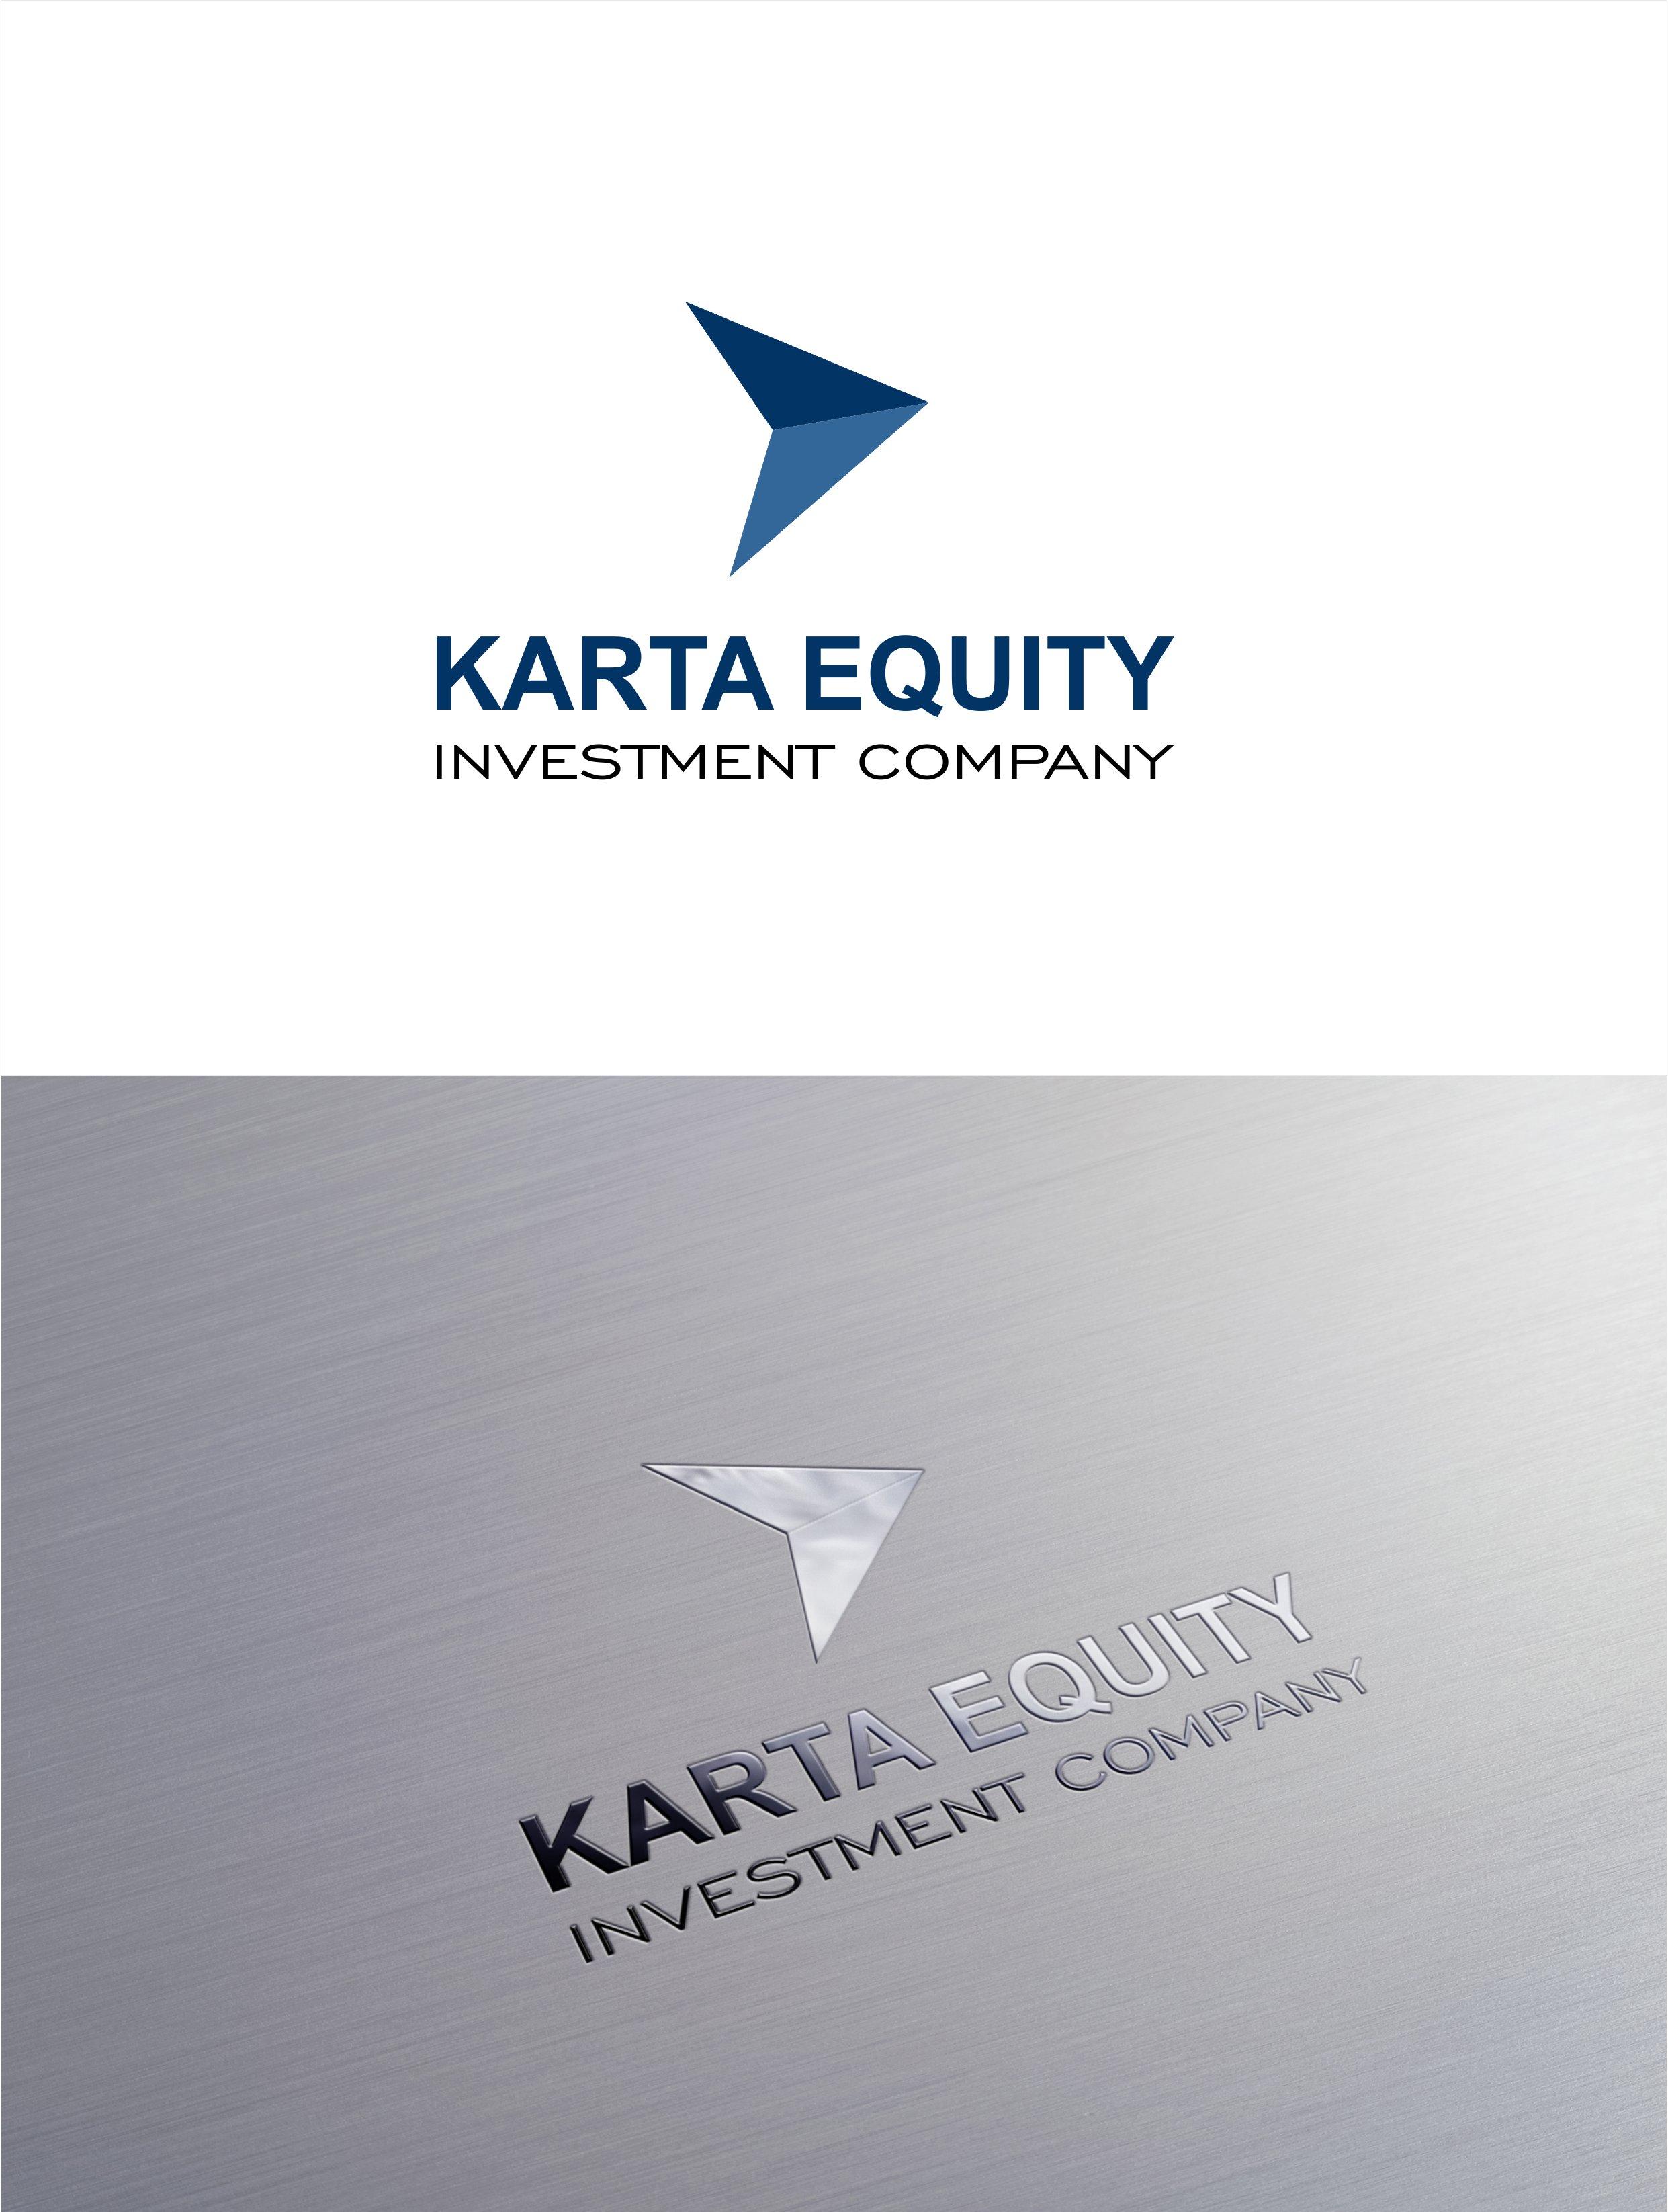 Логотип для компании инвестироваюшей в жилую недвижимость фото f_5305e1b679d41090.jpg